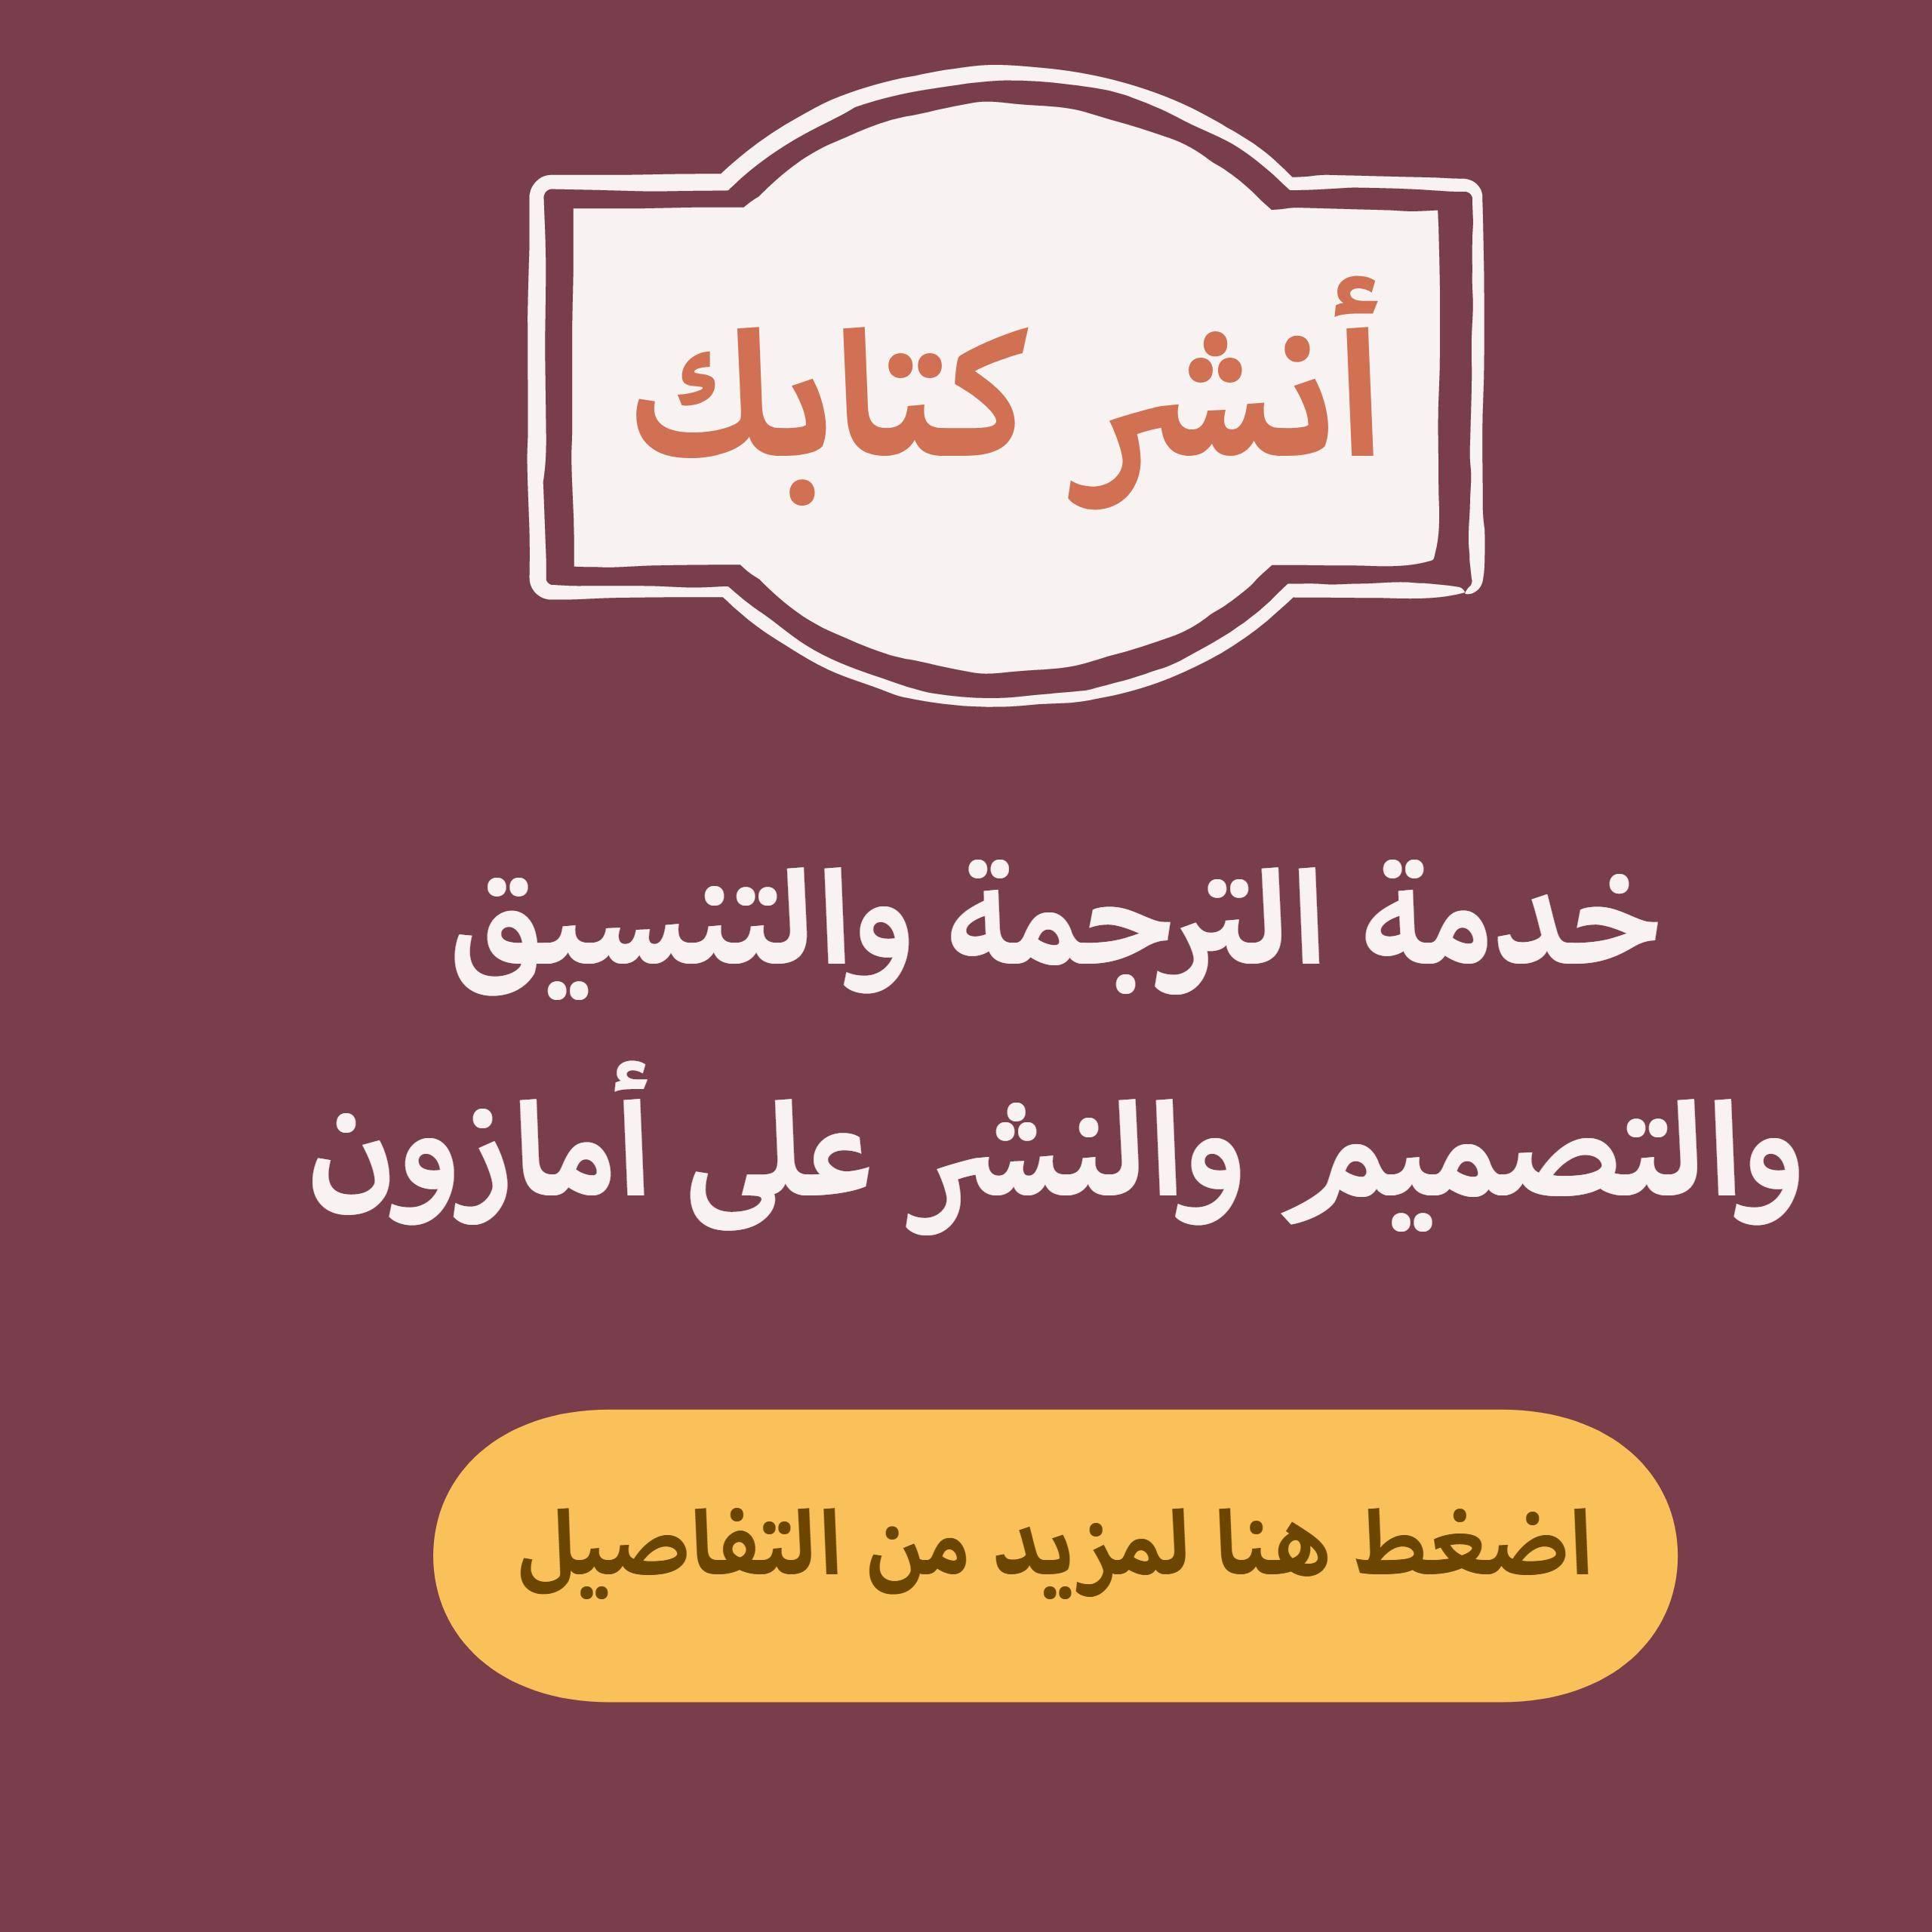 أقوى أشعار الحب والغزل العربية - الأبيات لعنترة بن شداد